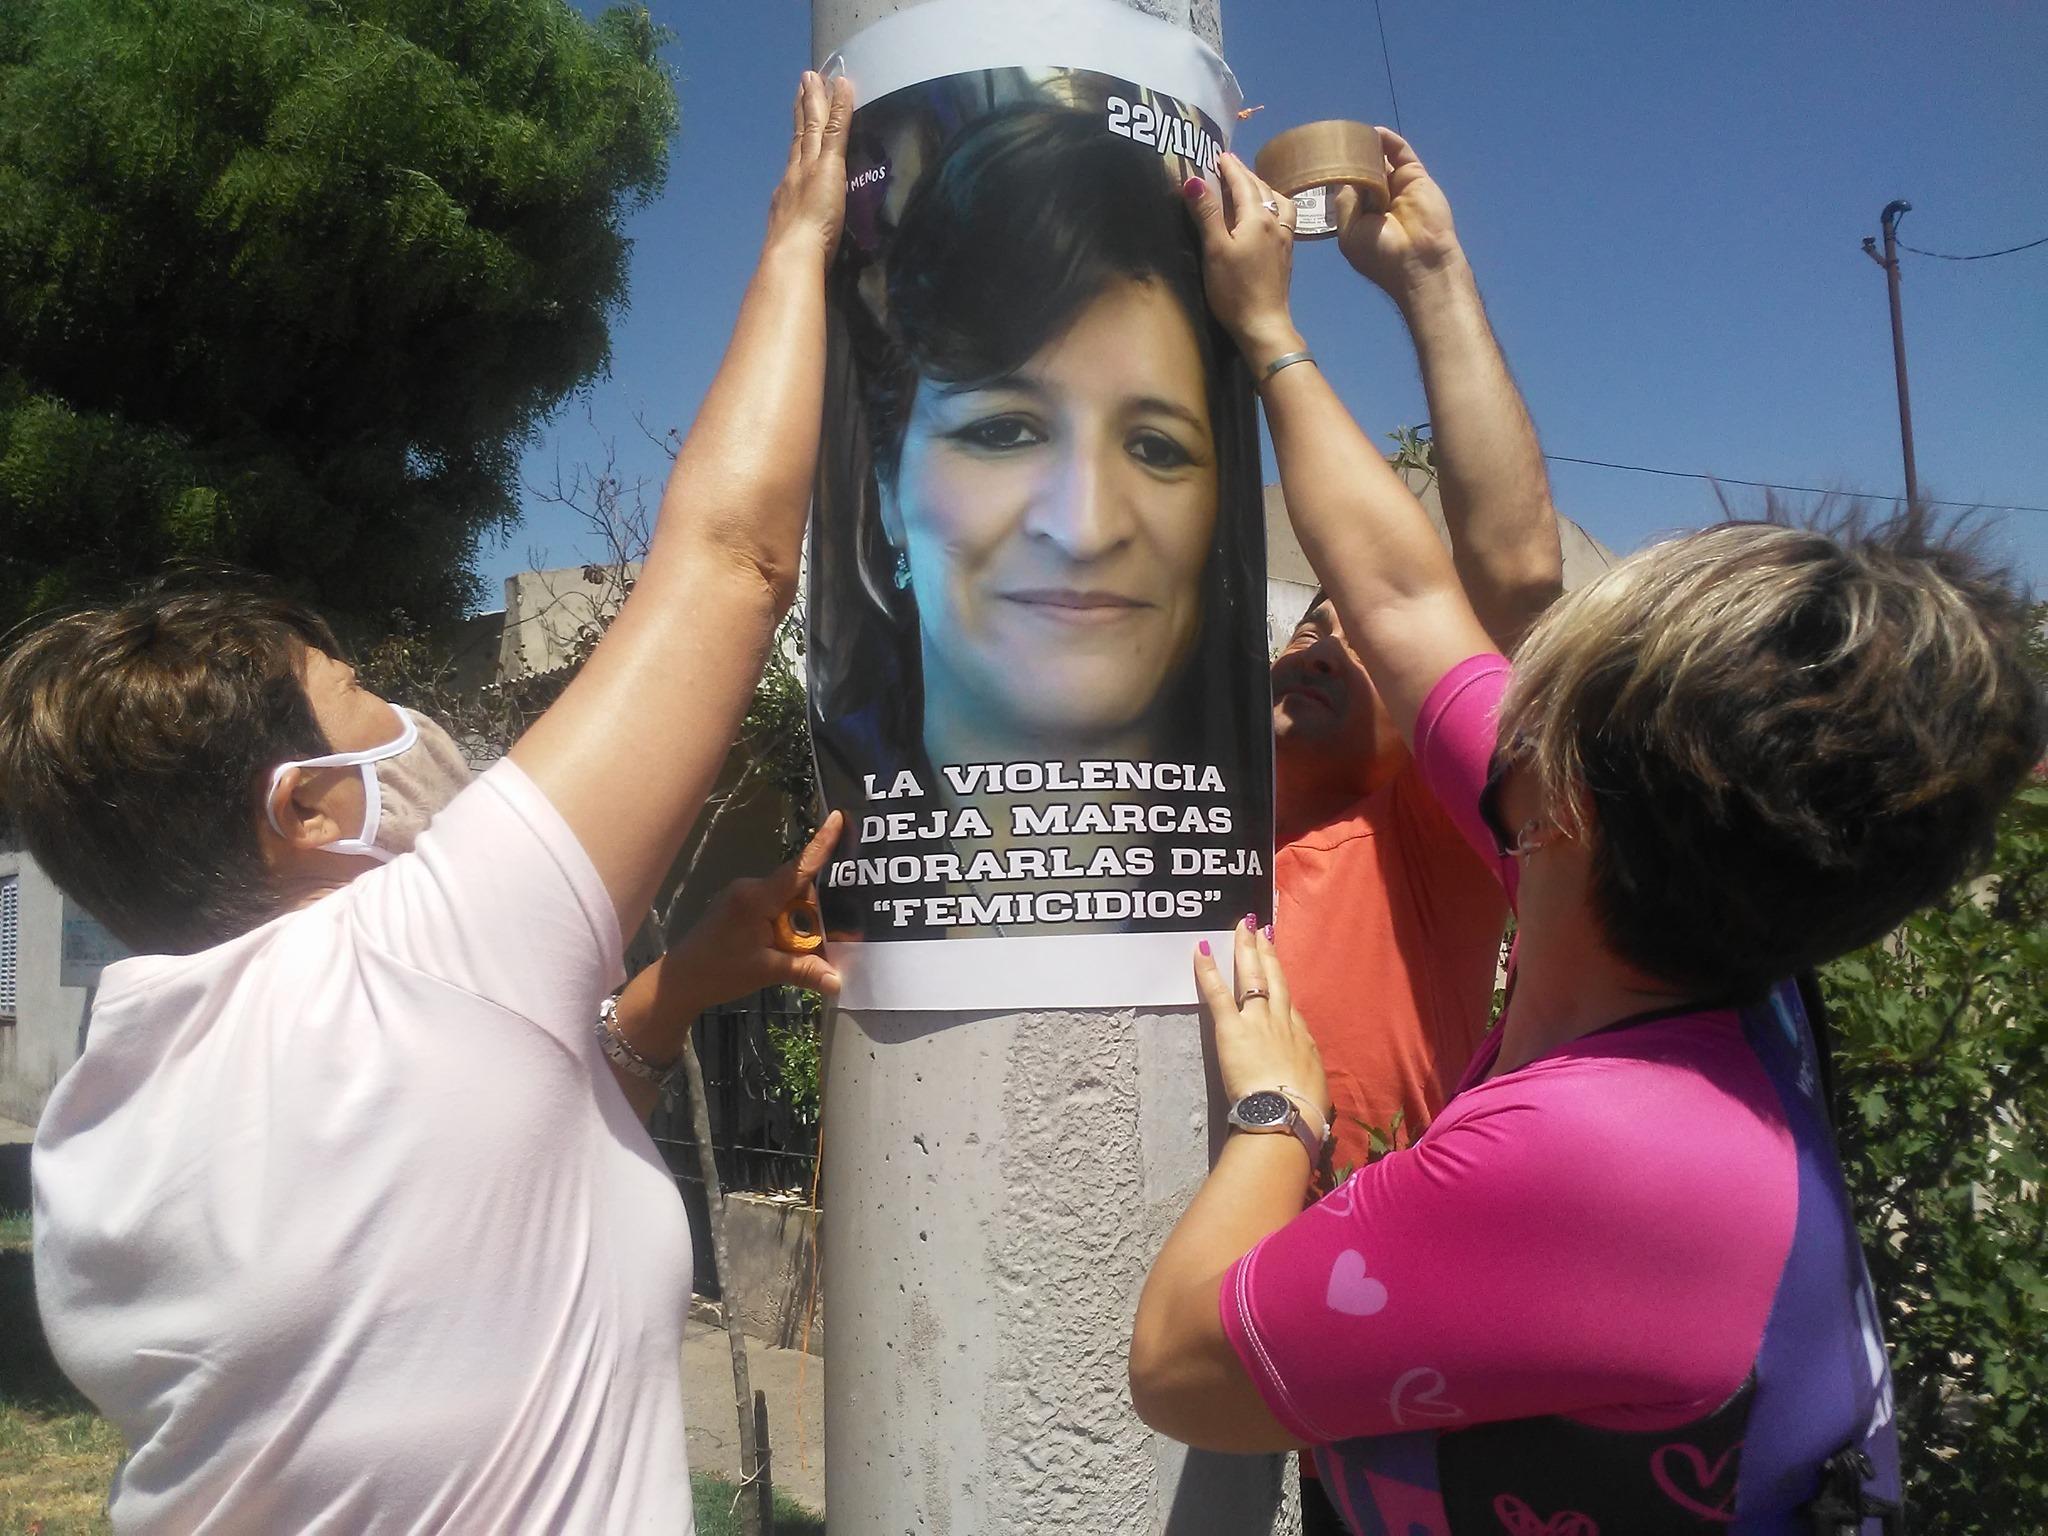 Sentido homenaje: La hermana de Sonia Alvarado llegó en bicicleta a Trenel junto a dos amigas desde Pichi Huinca